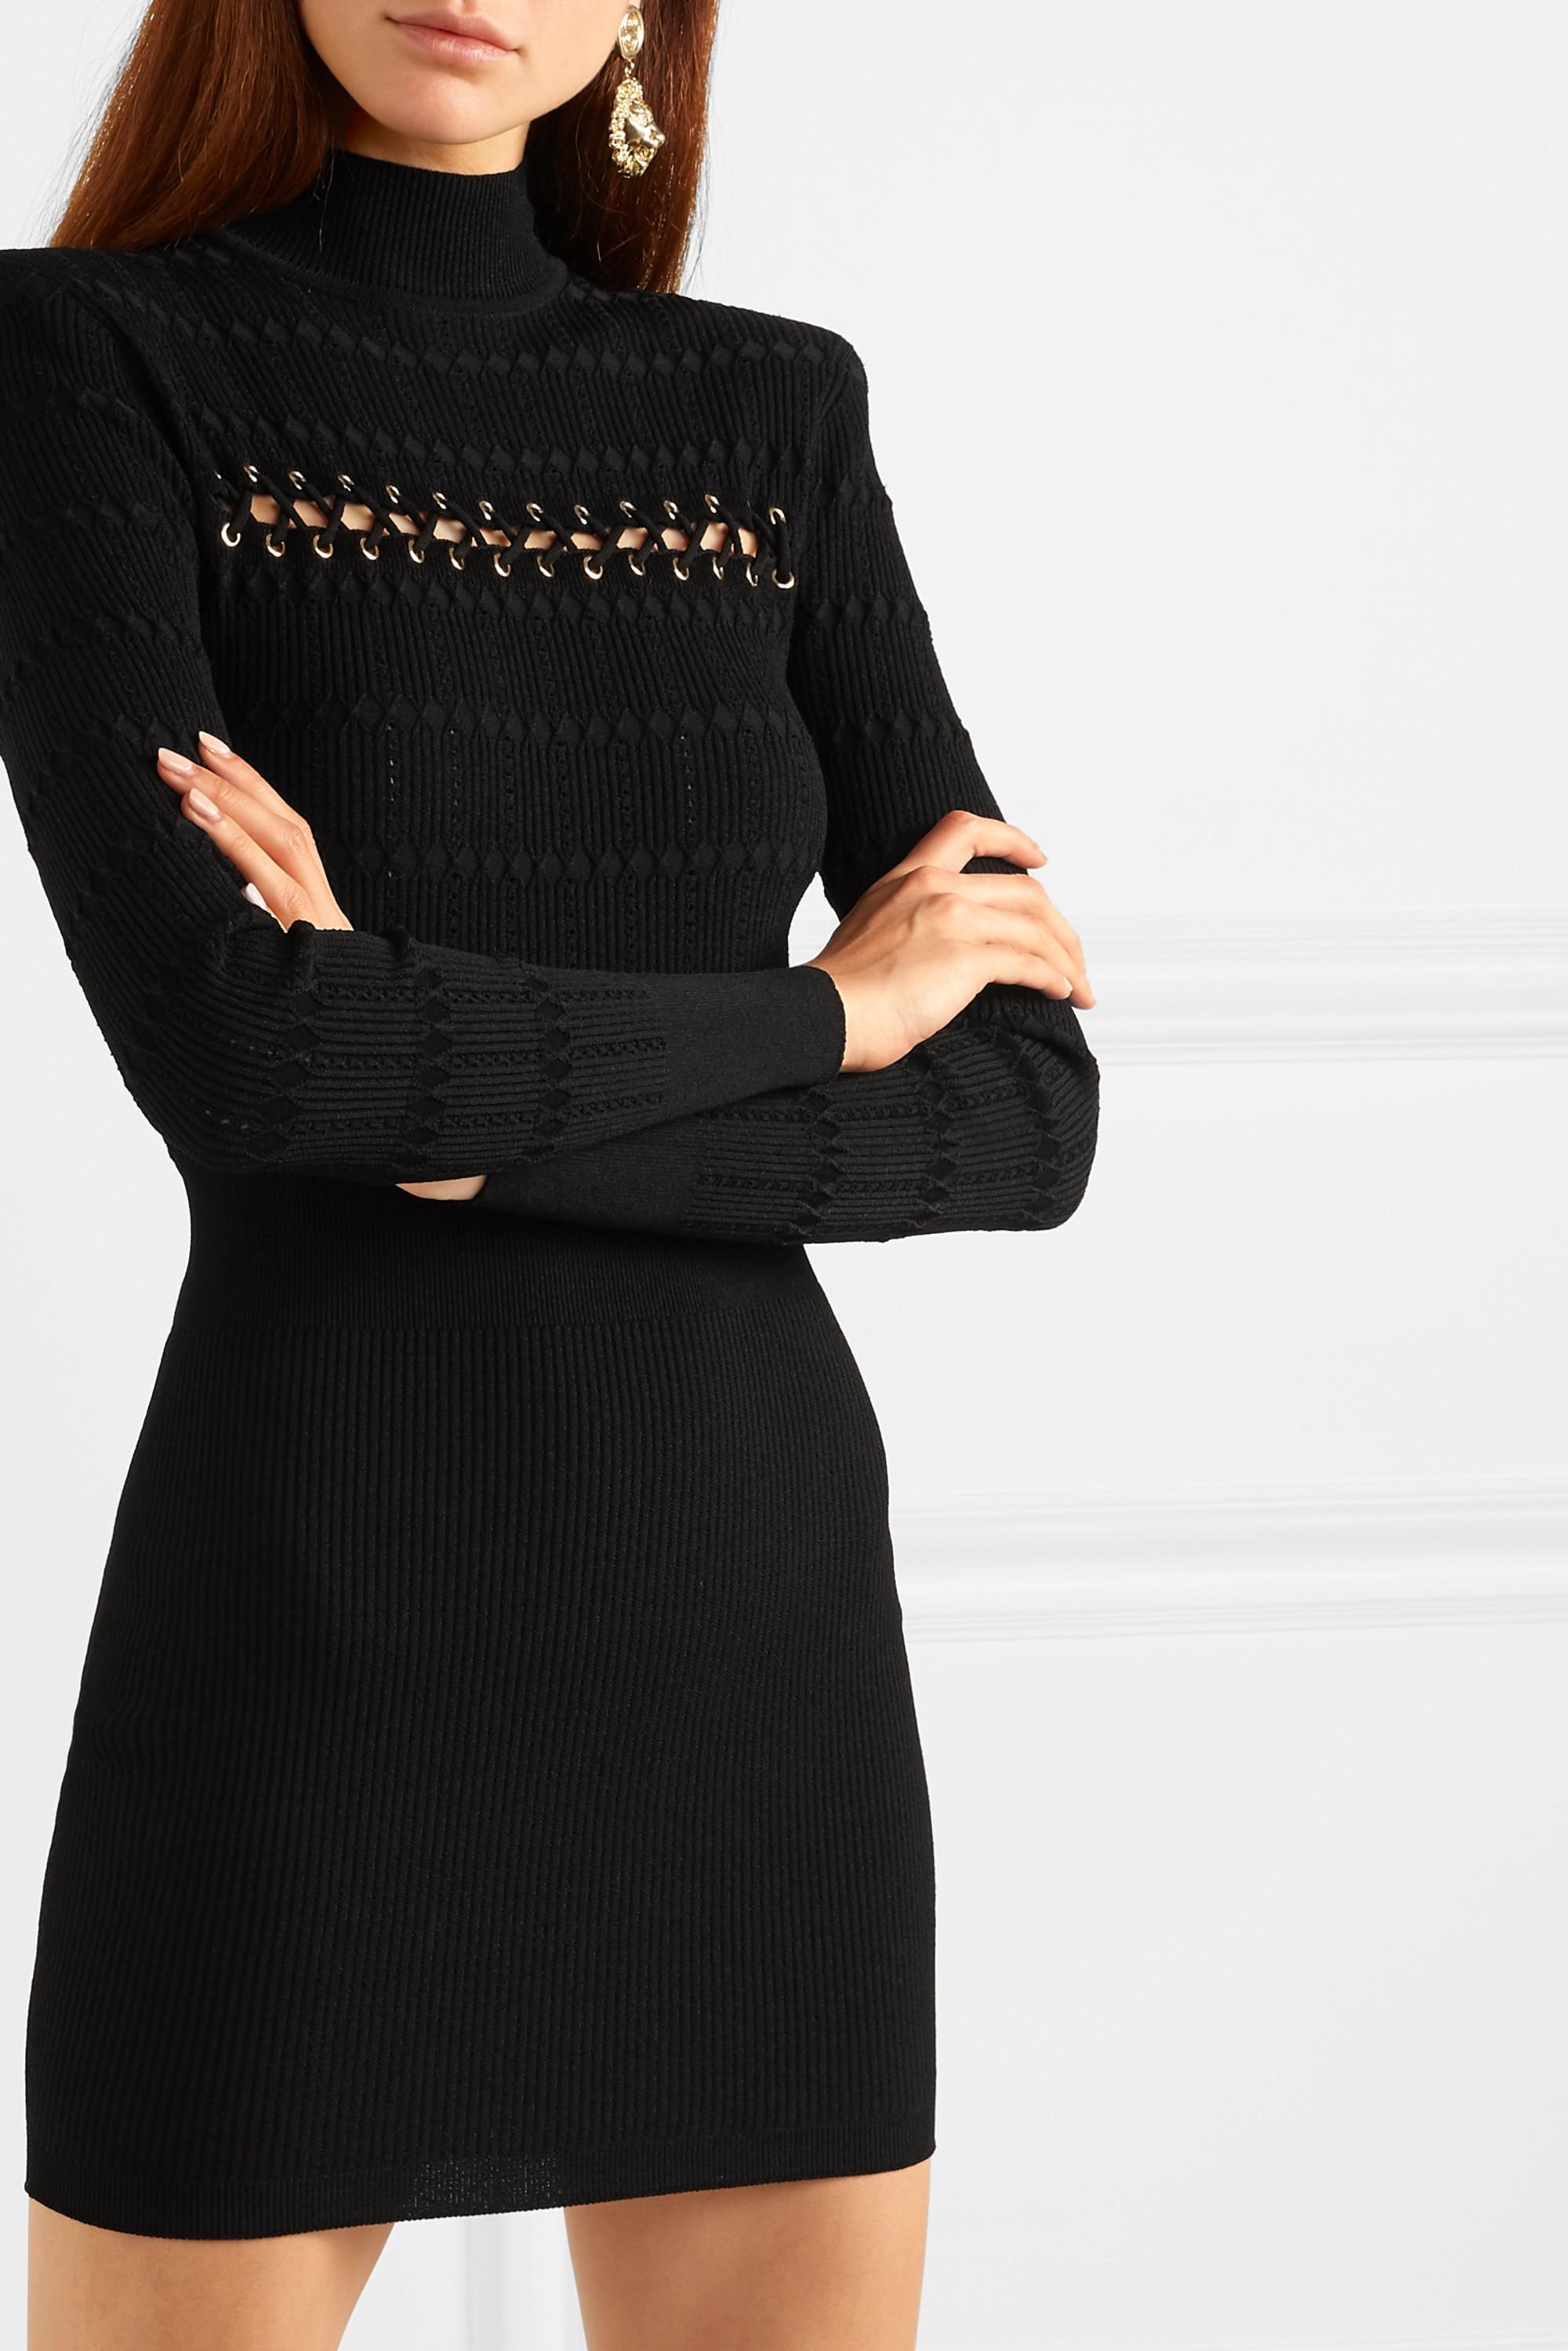 Balmain Minikleid aus geripptem Pointelle-Strick mit Schnürung